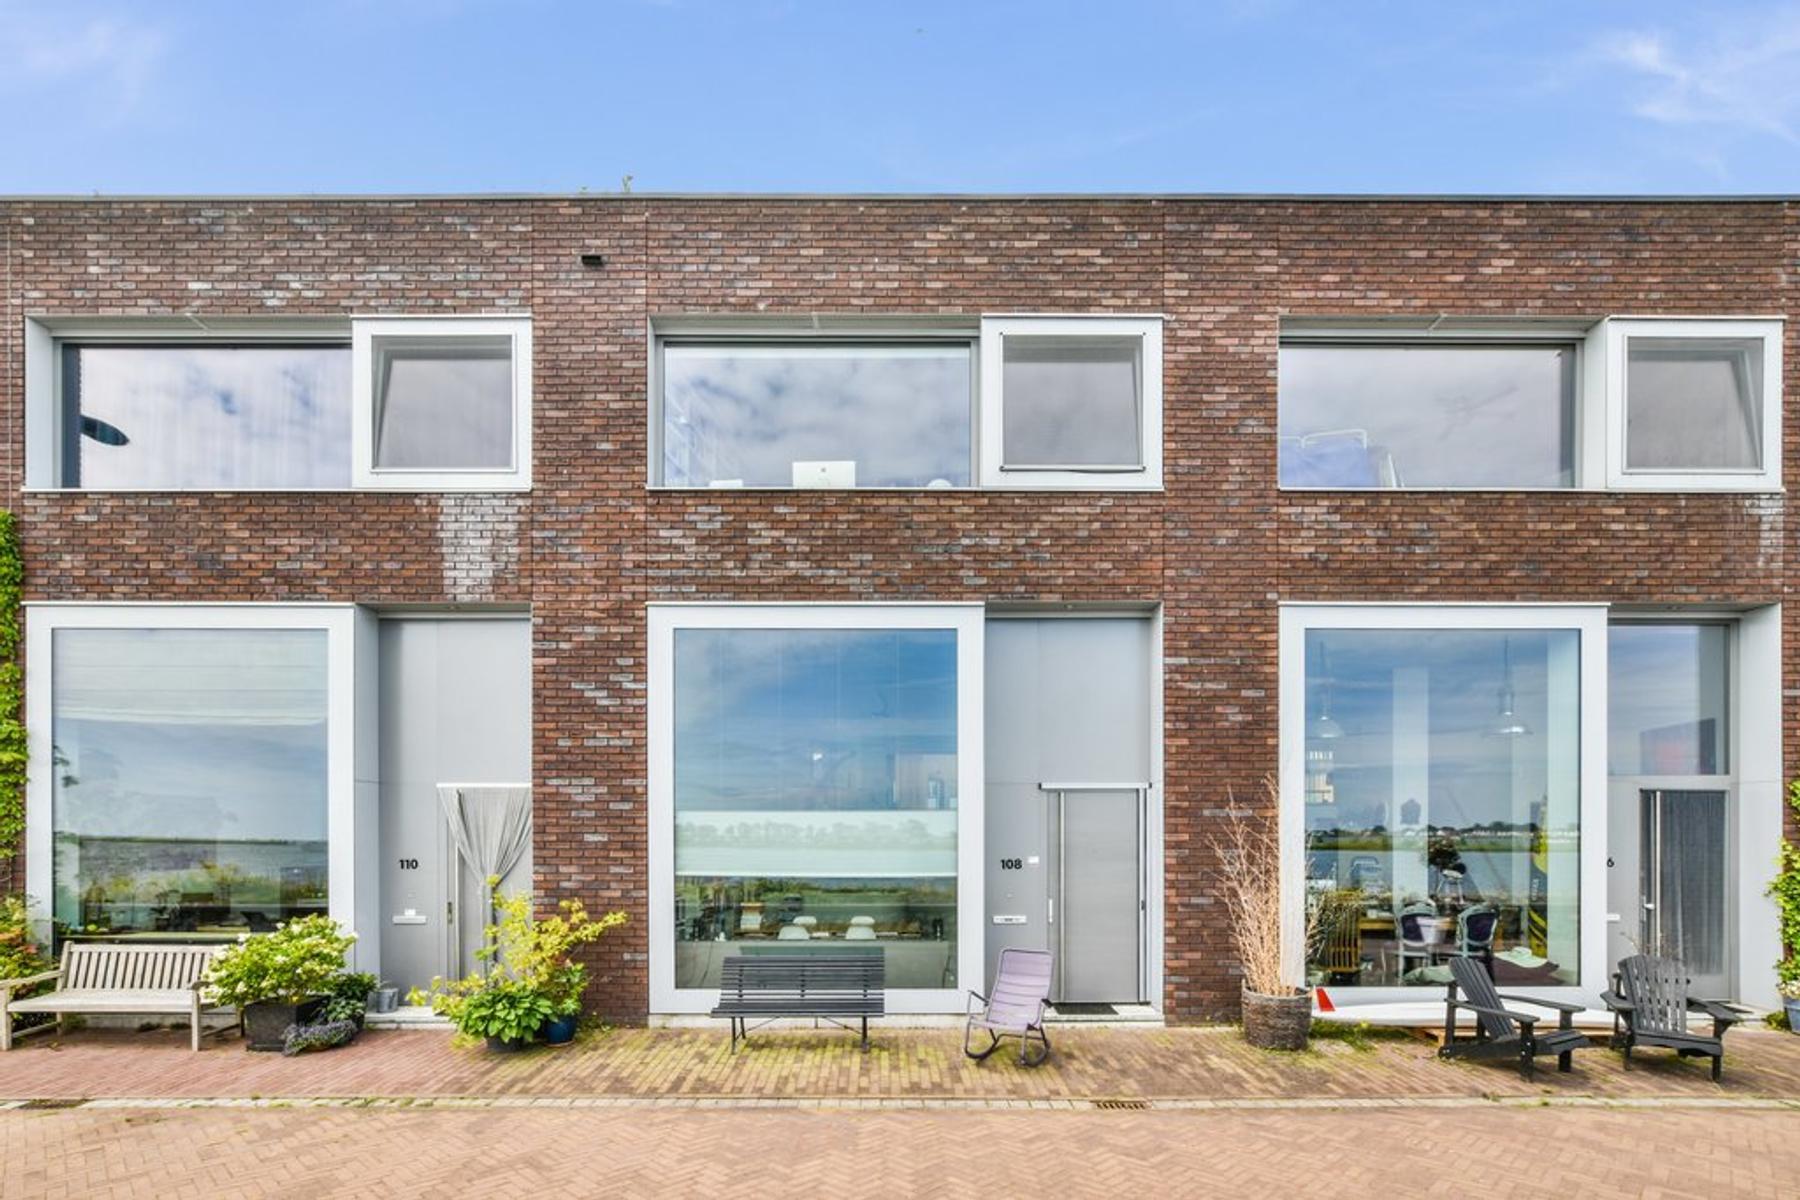 Windjammerdijk 108 in amsterdam 1086 vc: woonhuis. henk burger